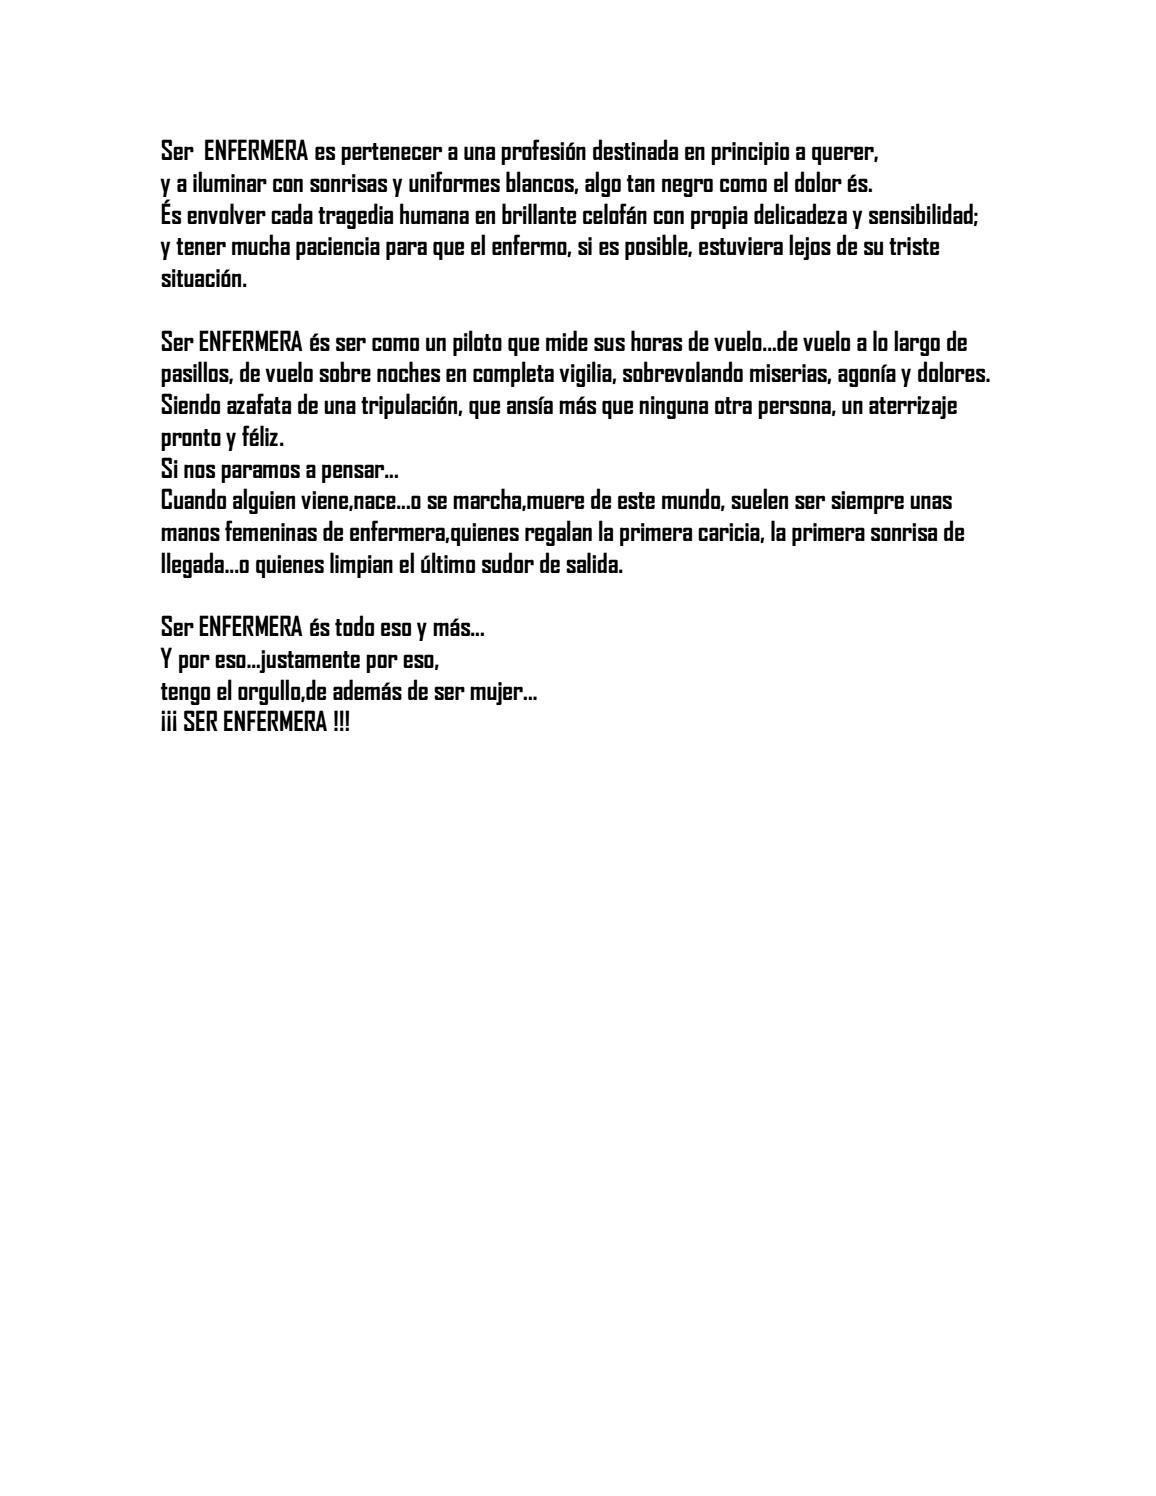 Moderno Práctica Reanudar Muestra De Enfermera Galería - Ejemplo De ...